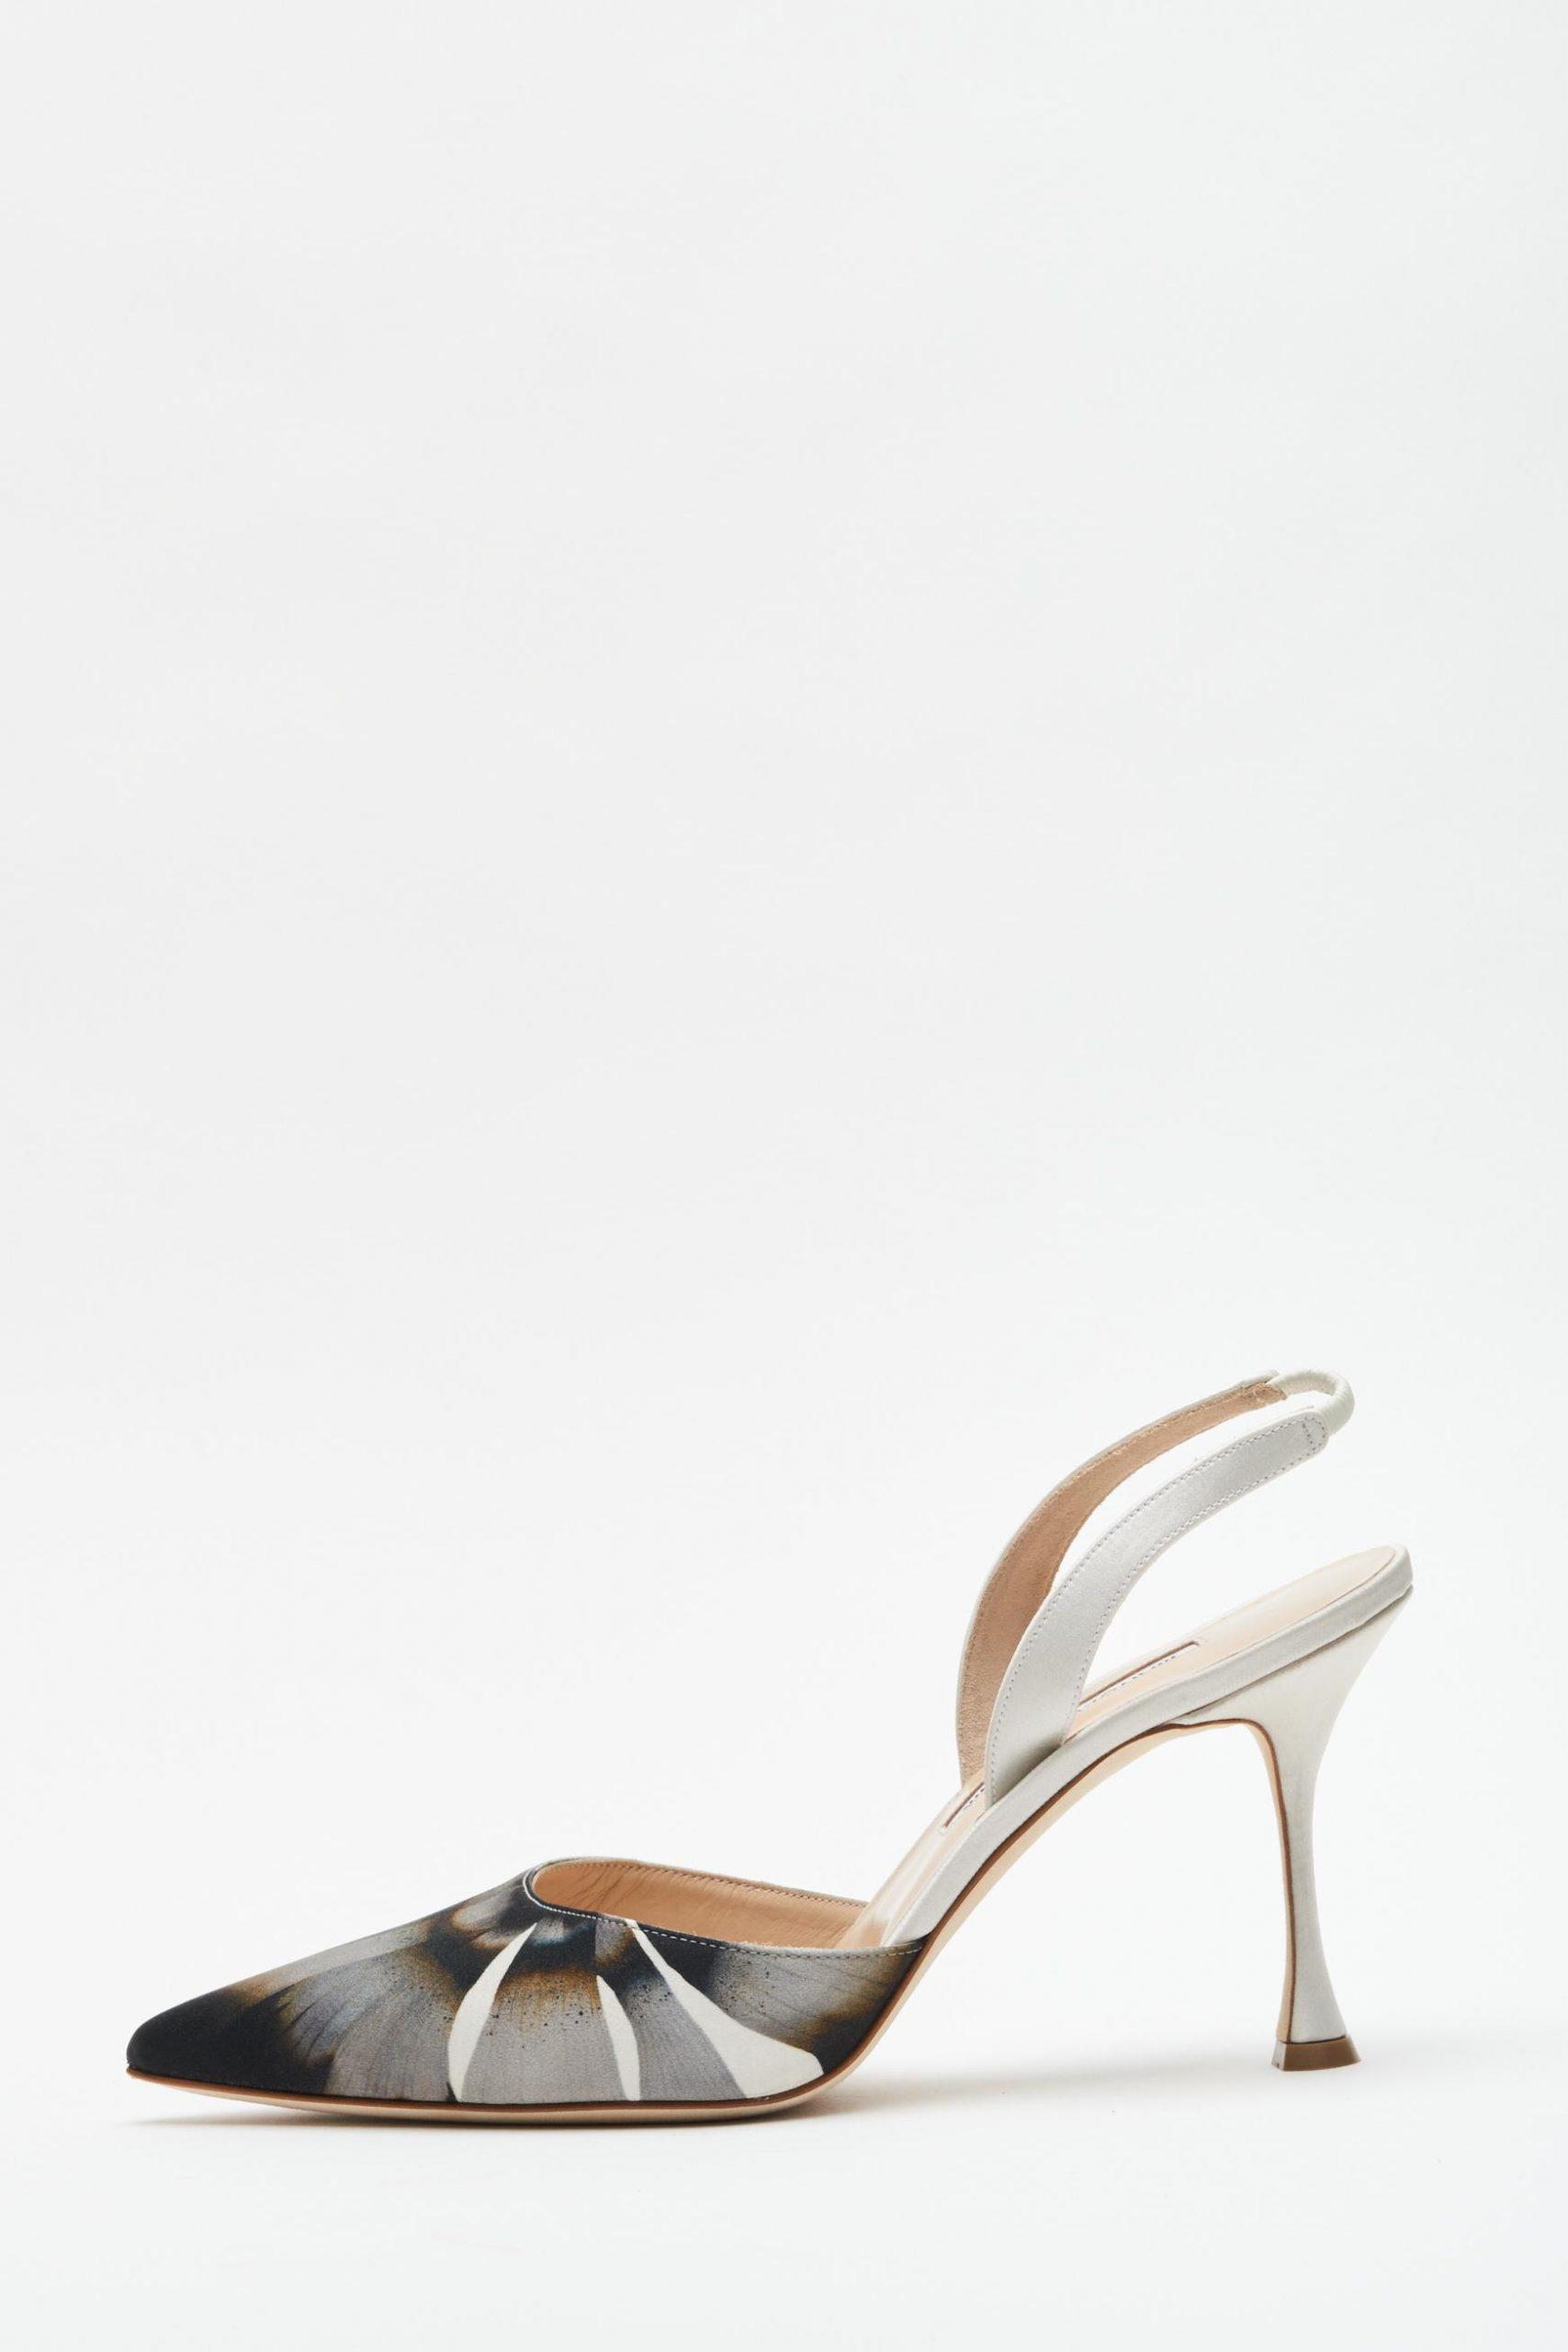 Zapatos de novia Manolo Blahnik para Danielle Frankel, vestidos de novia Danielle Frankel - Wedding Hub - 04